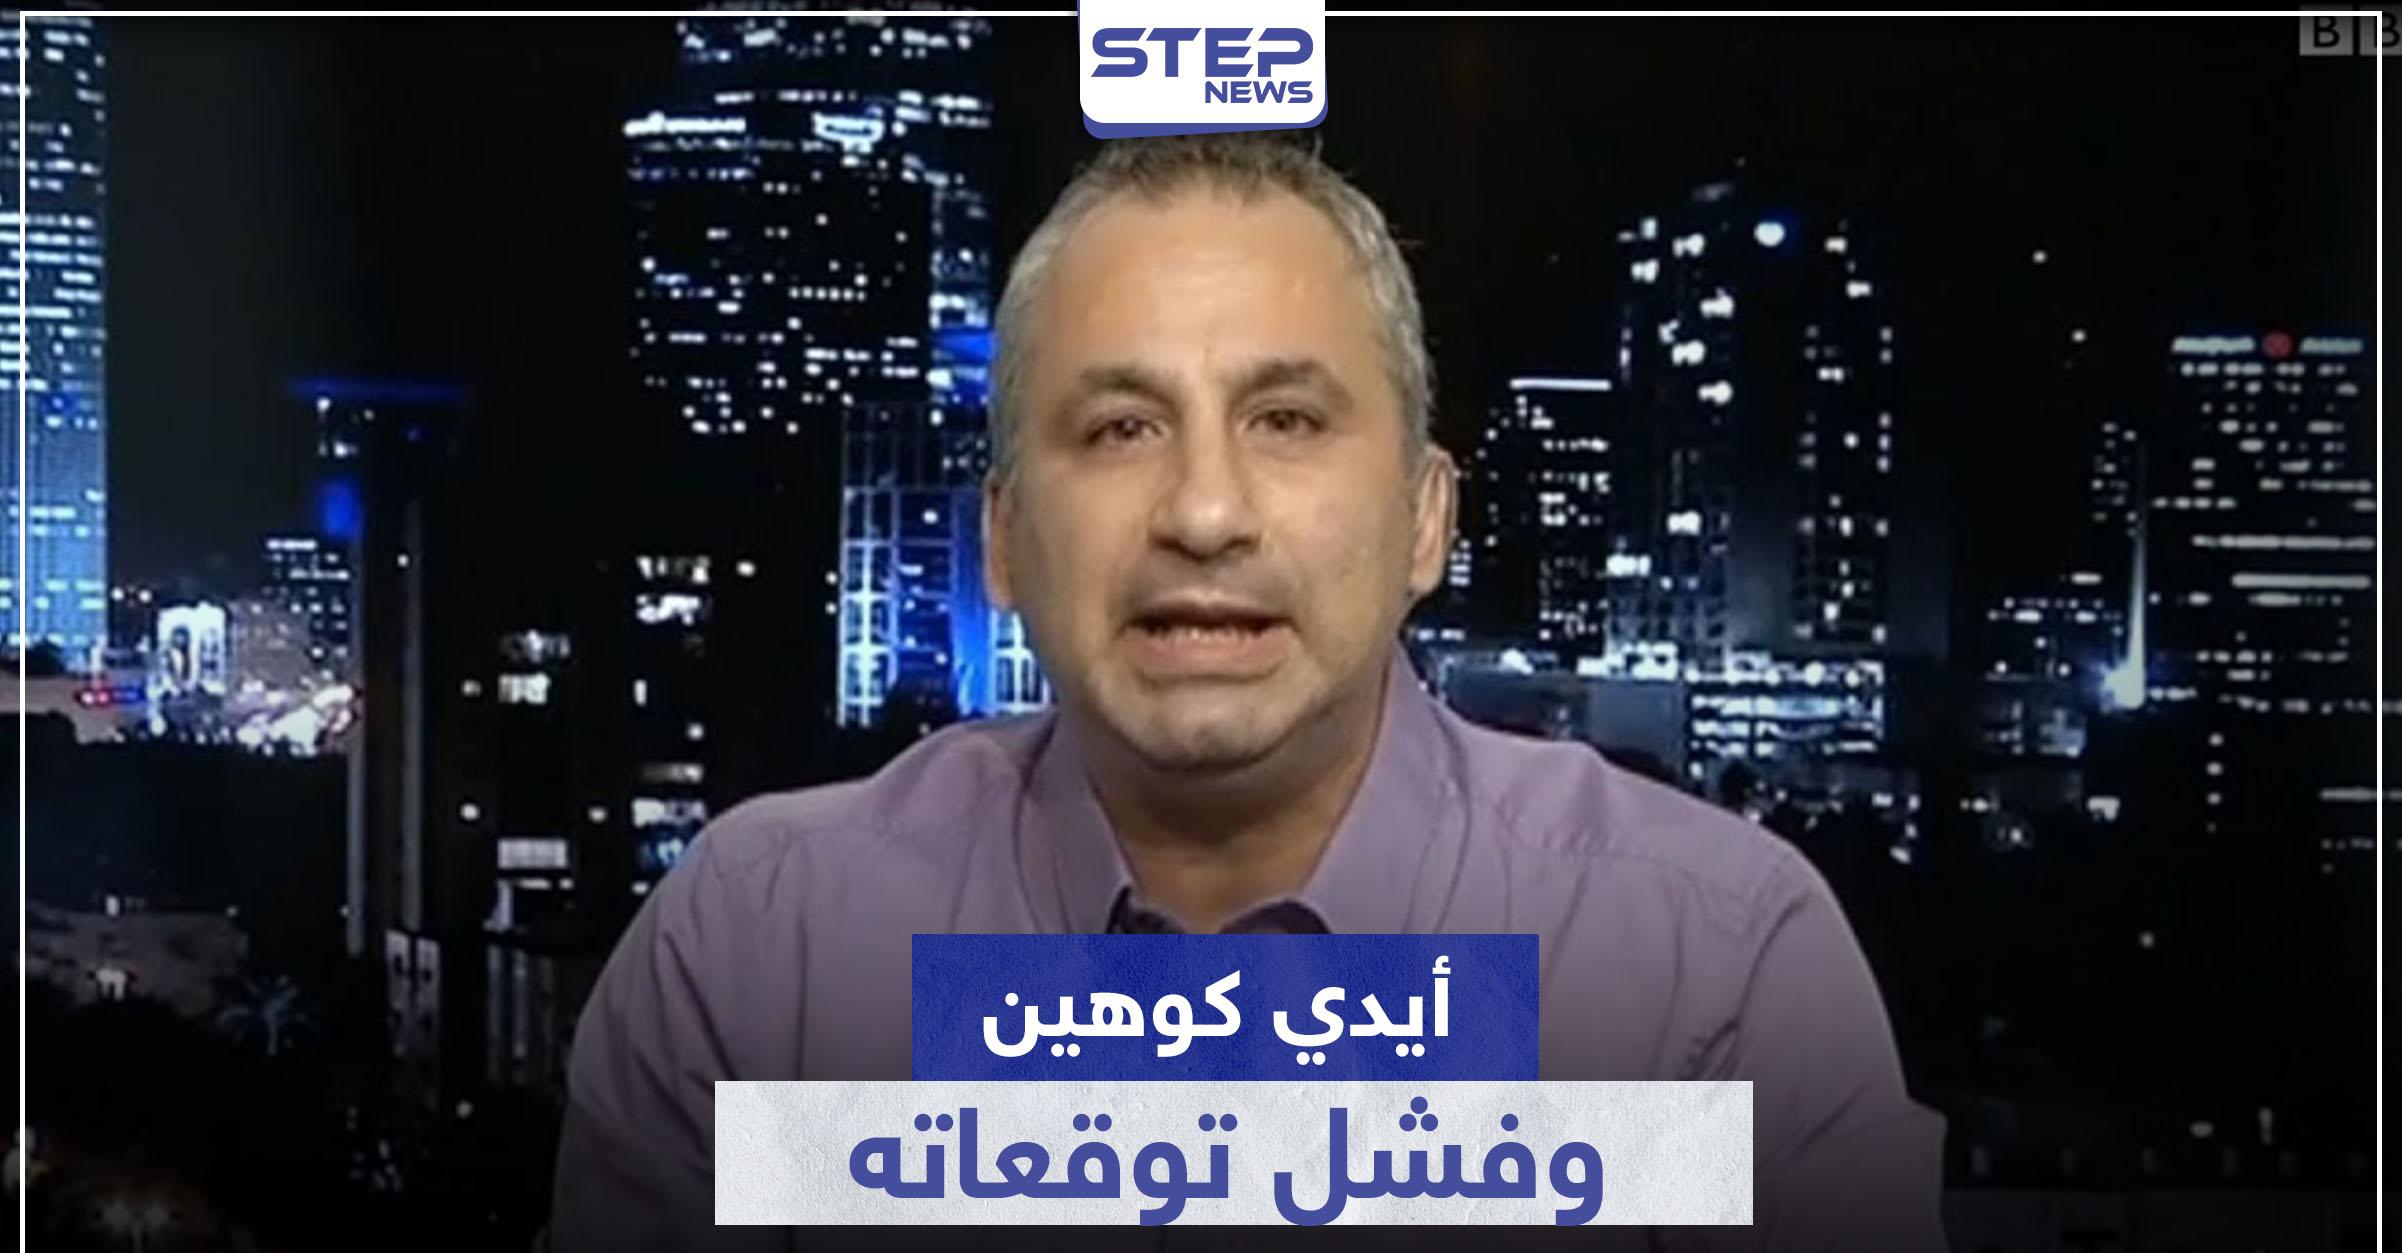 أيدي كوهين.. يتحدث مجدداً عن رحيل الأسد ومحاولة هروب زوجته إلى بلد أوروبي